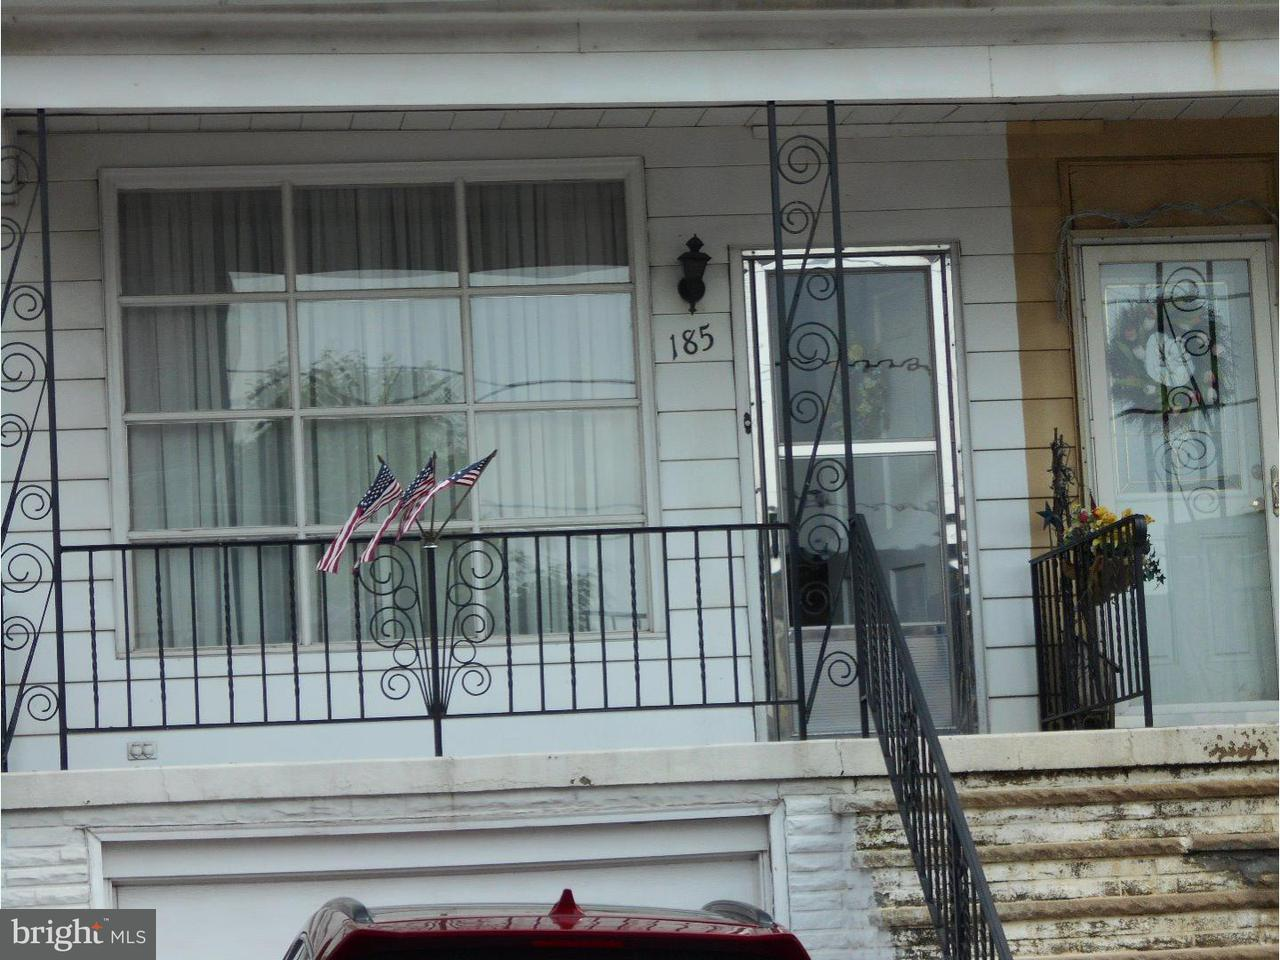 Частный односемейный дом для того Продажа на 185 SCHUYLKILL Avenue Shenandoah, Пенсильвания 17976 Соединенные Штаты